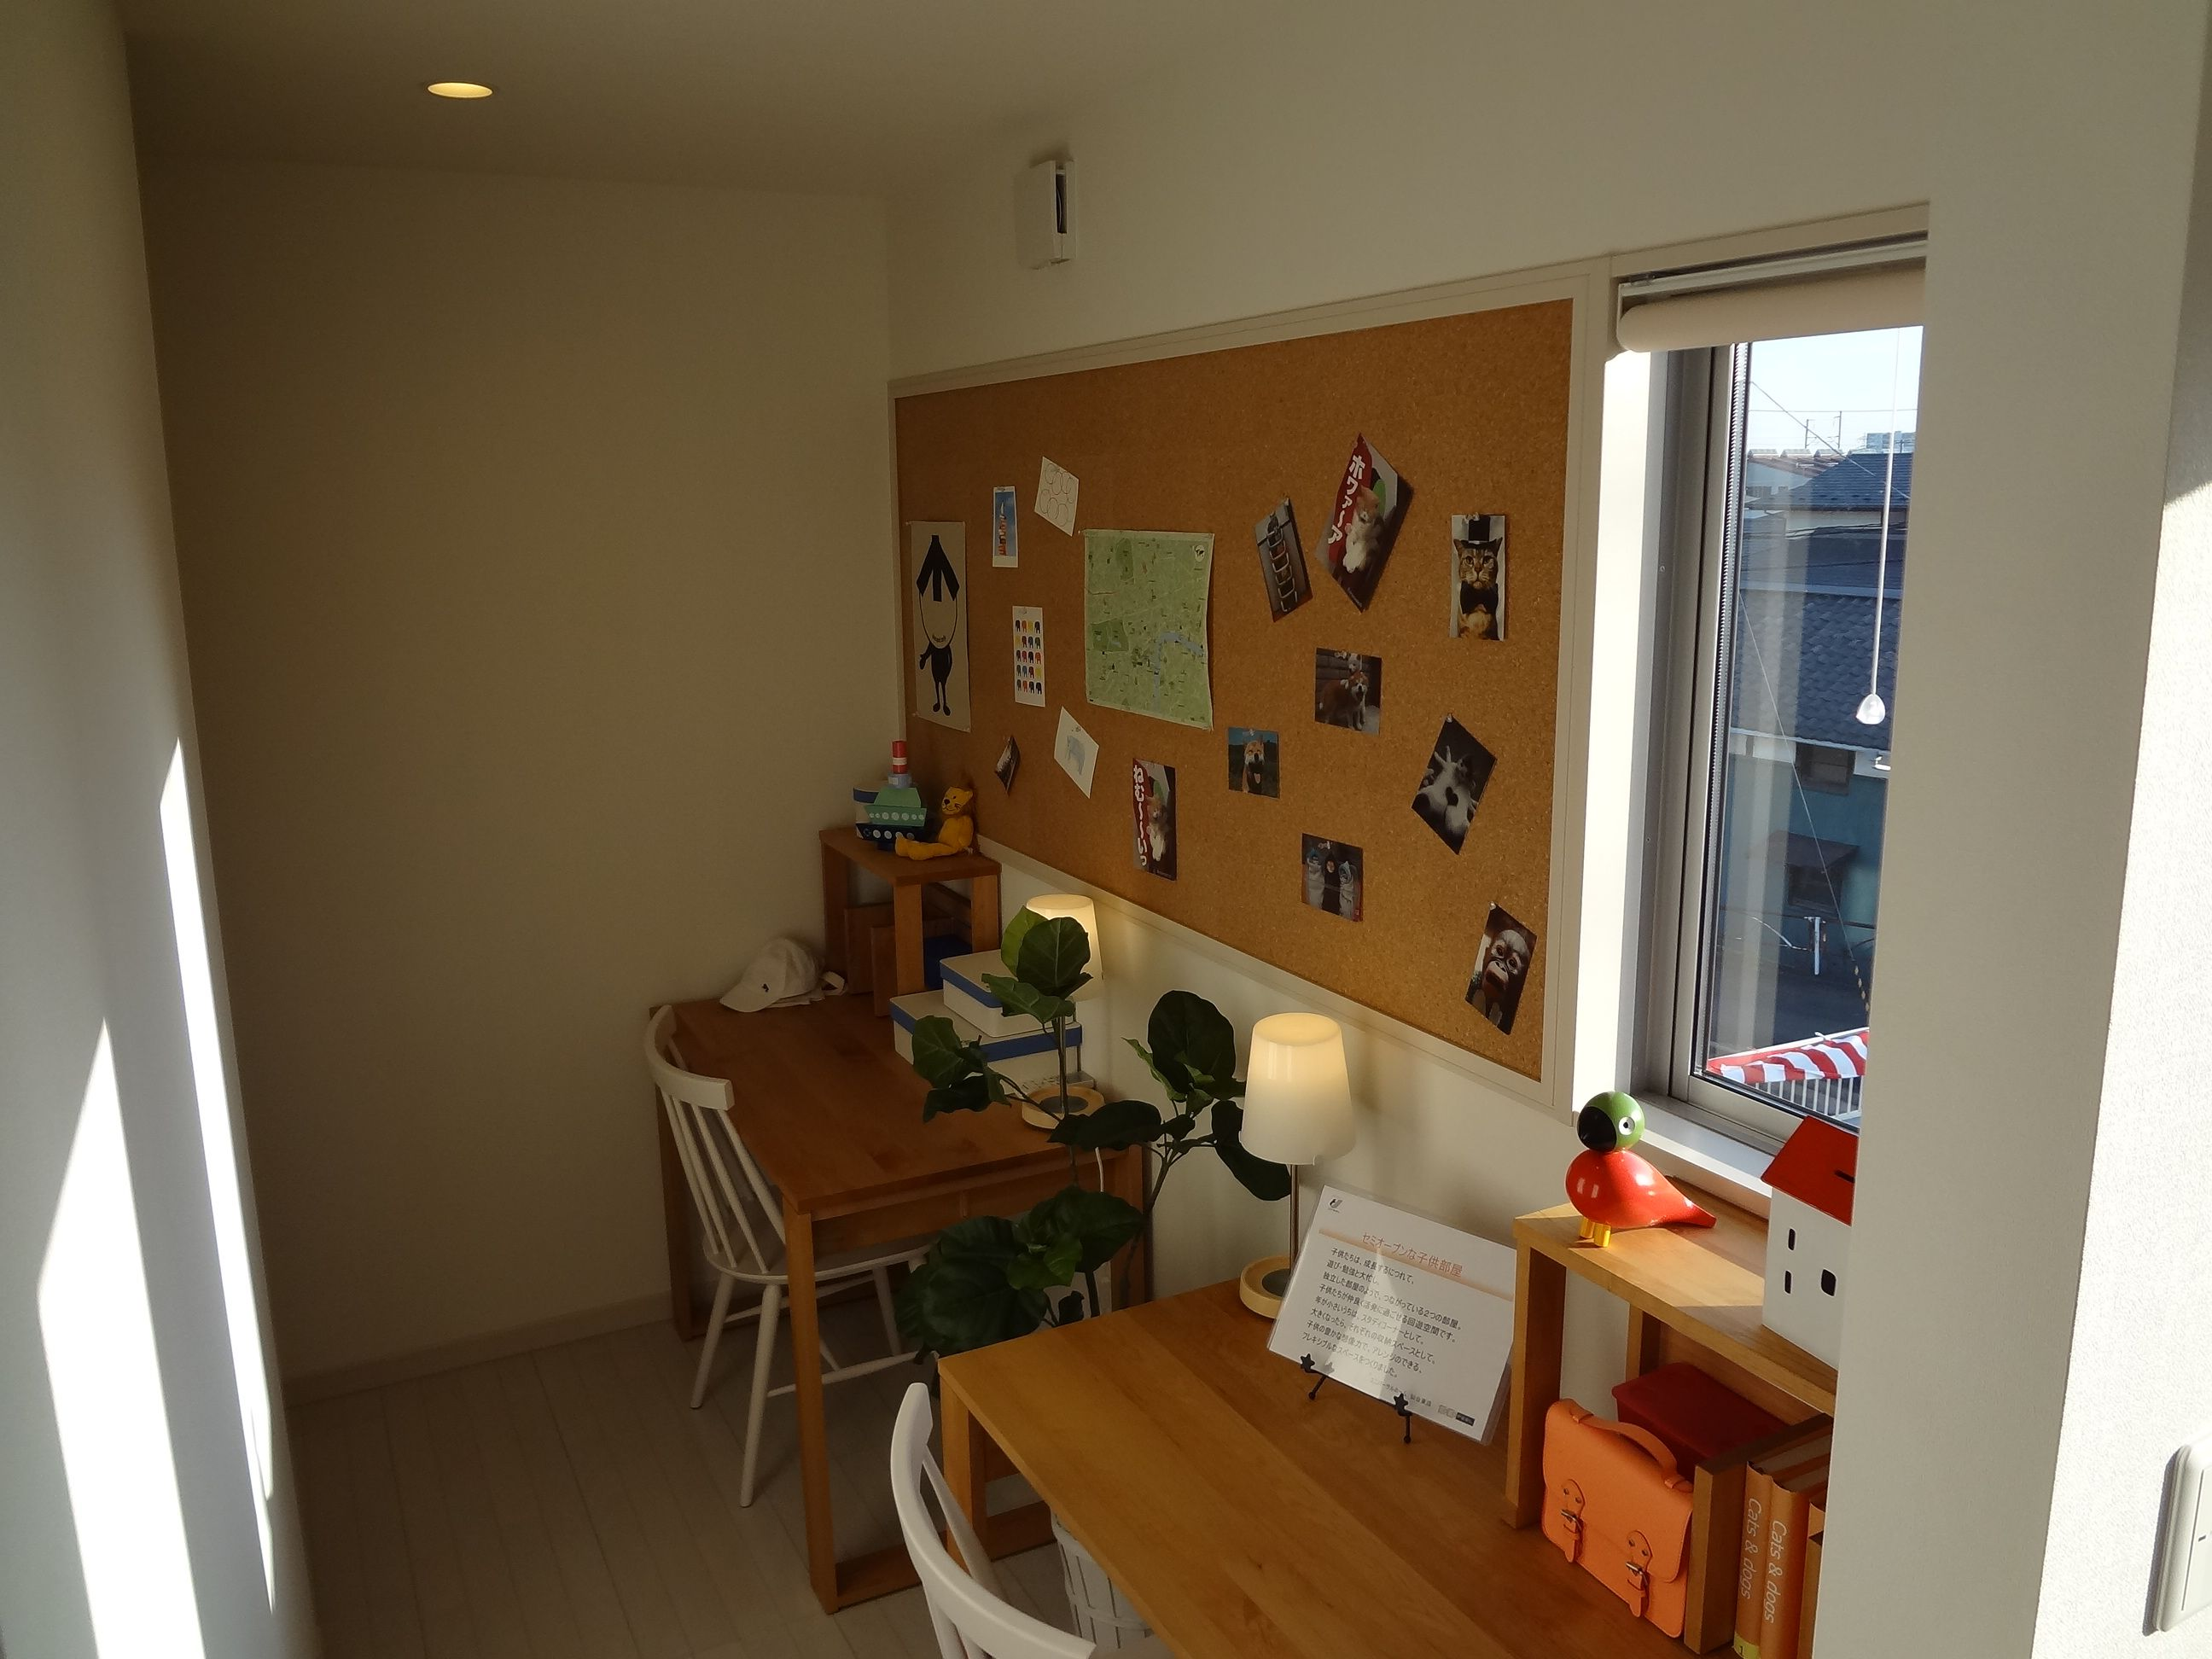 兄妹が触れ合いながら共に成長し合える空間を、子ども部屋にプラスしました。